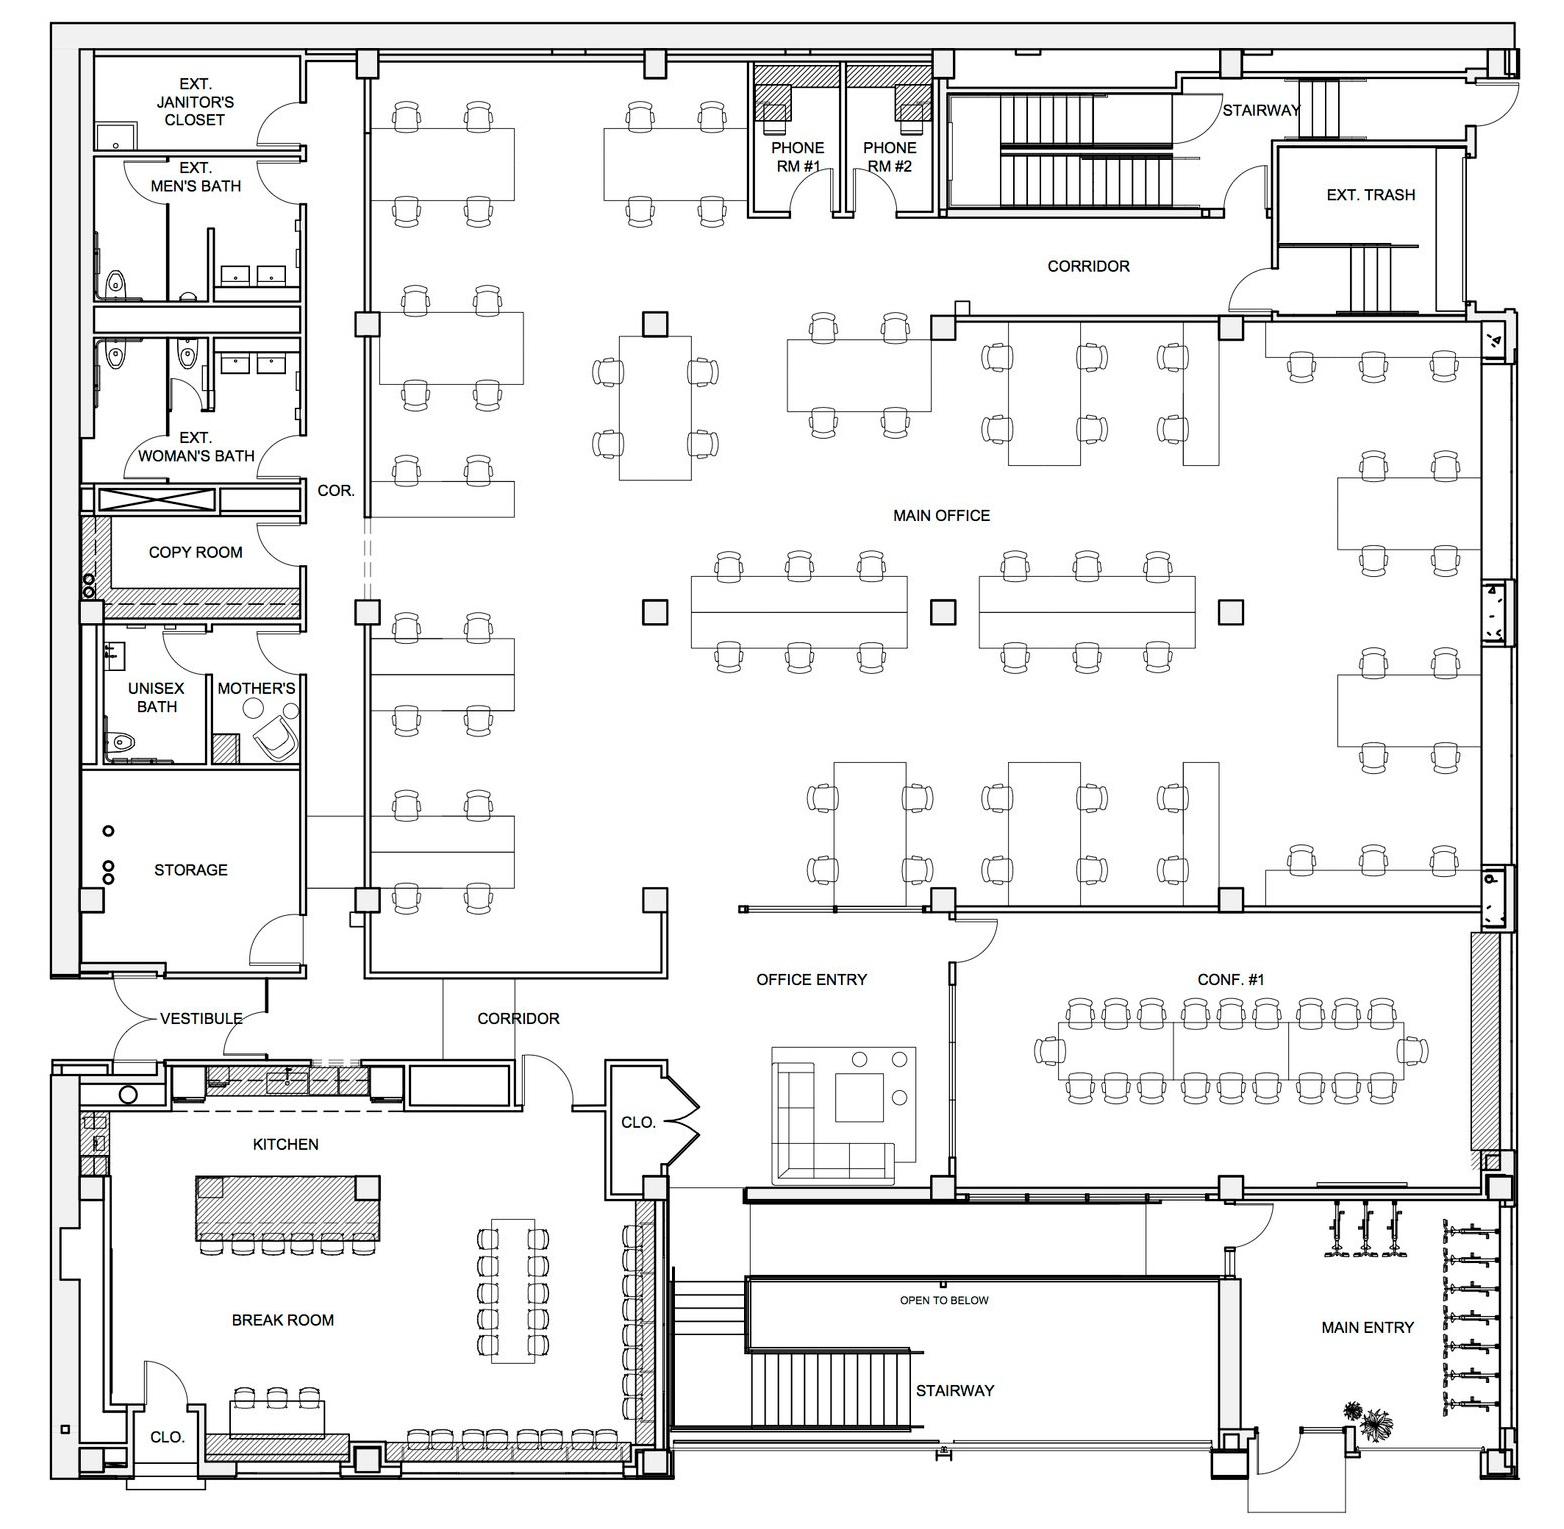 WORK%26CO_+Main+Level+Floor+Plan.jpg